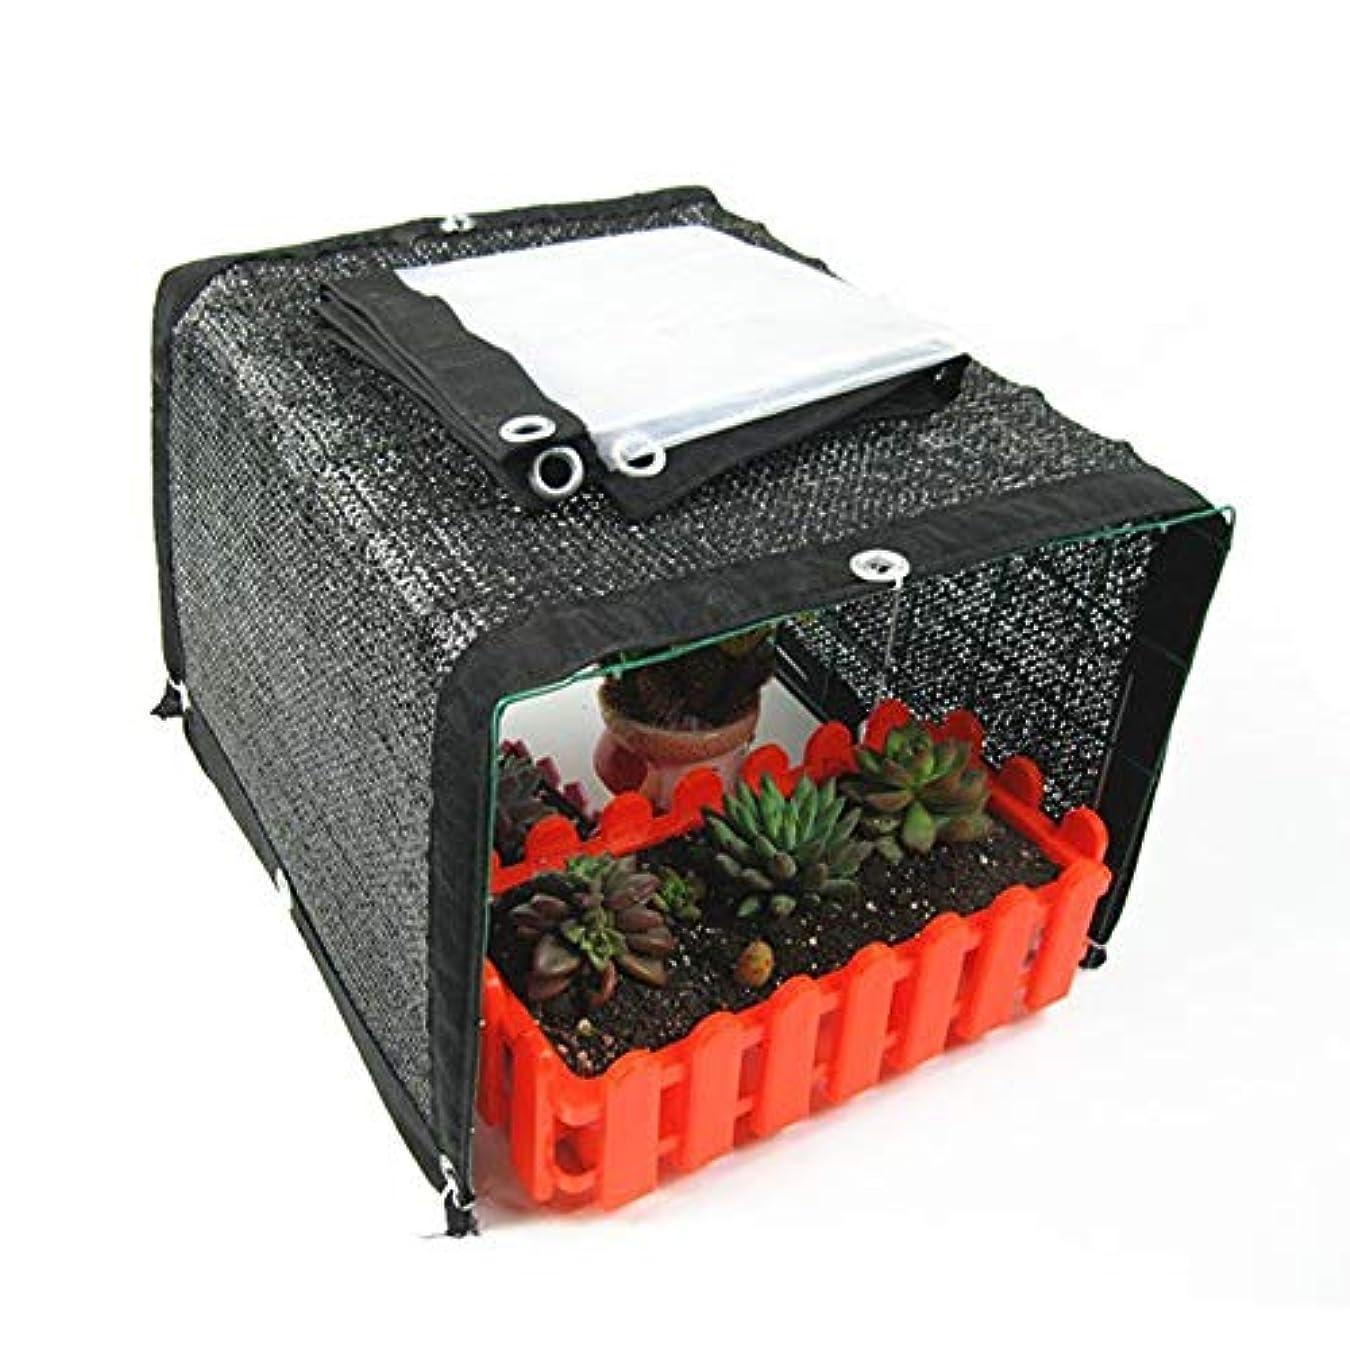 正気矩形引退した日よけネット防水シート多肉植物デュアルユース小屋6ピン日焼け止めネットシェルターオーニング雨フィルム(鉢植えの植物は含まない)